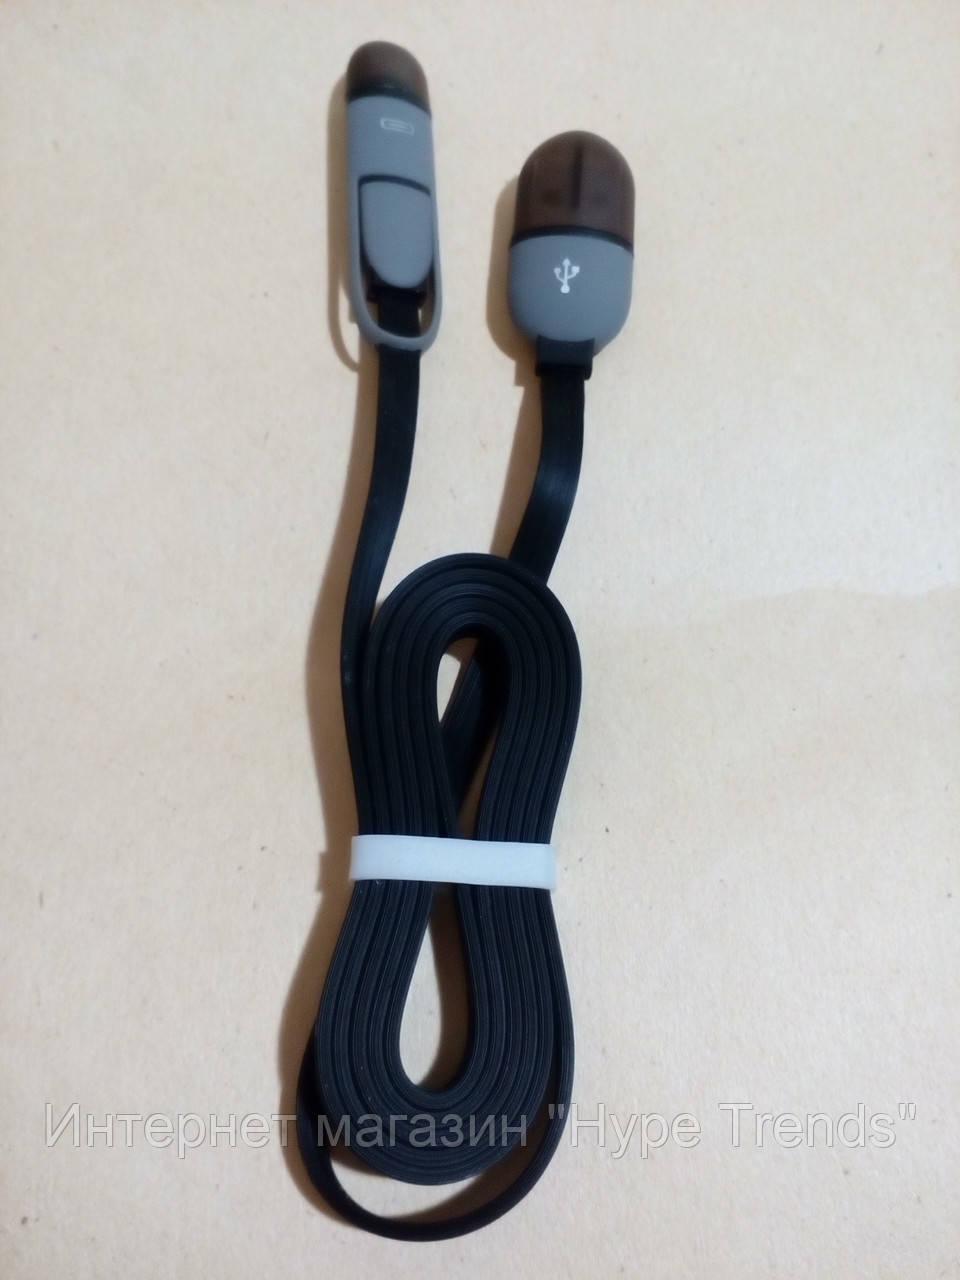 Универсальный кабель Lightning и Micro USB 2 в 1